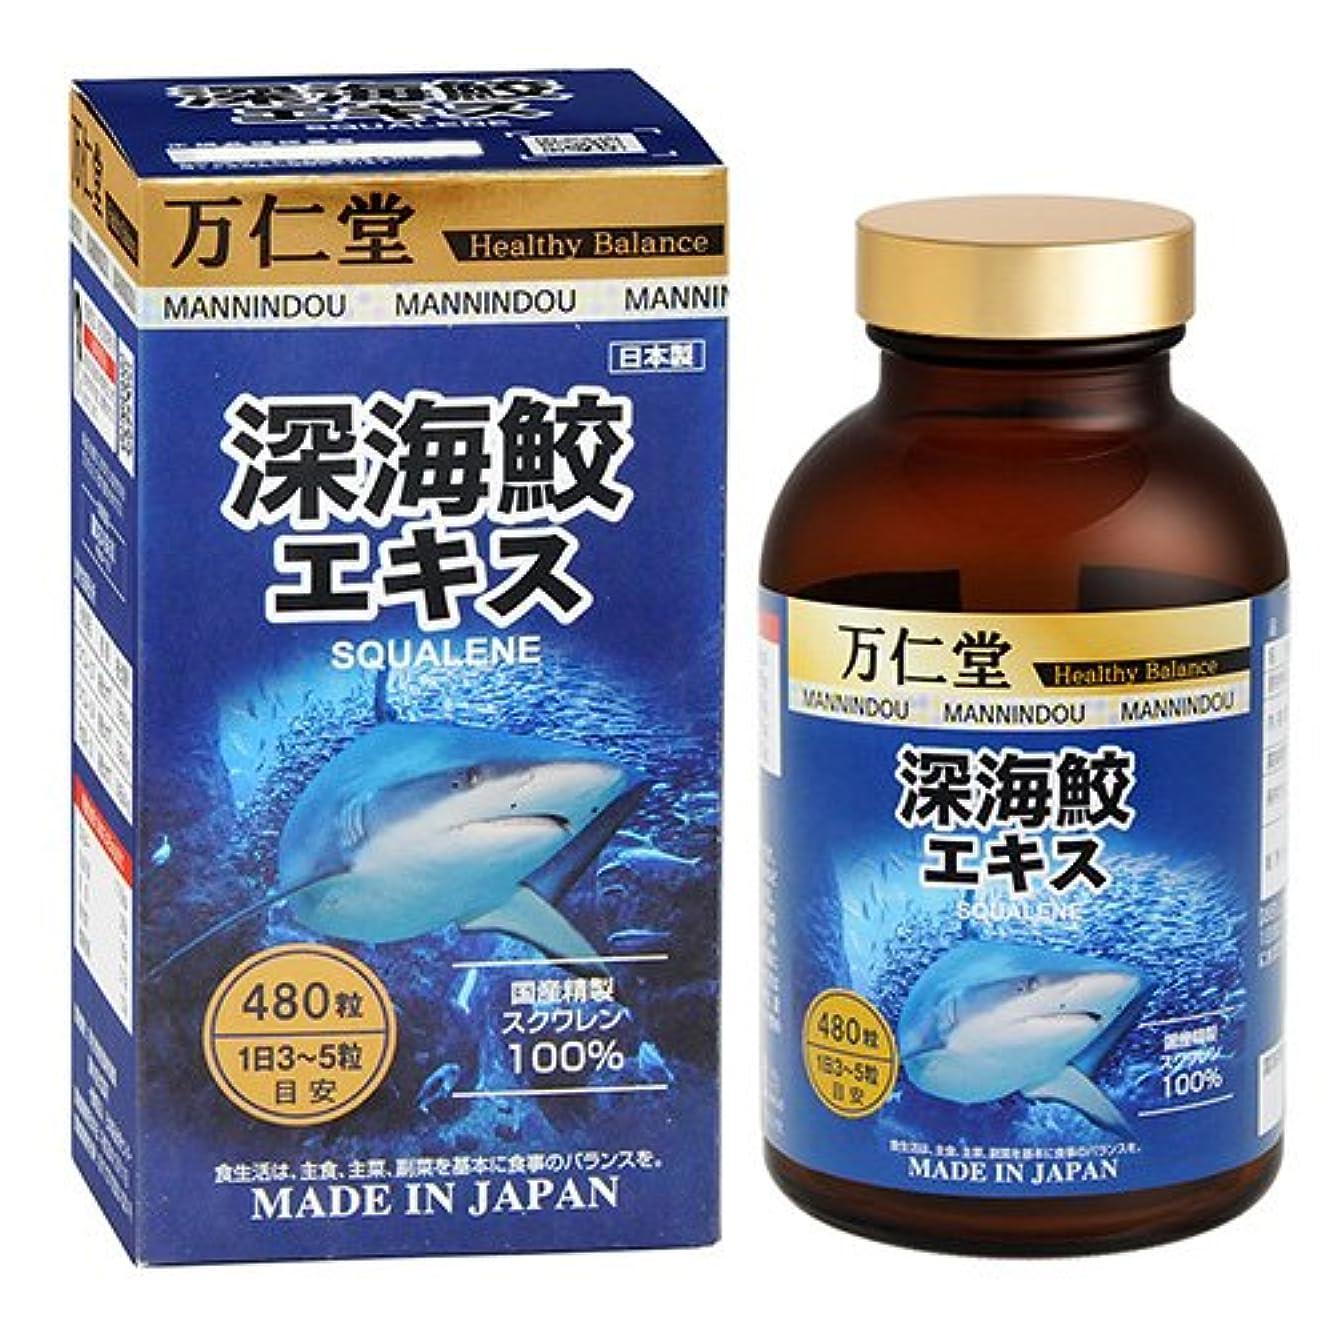 舌な生相談万仁堂 深海鮫エキス (3ヶ月分) - SH762323